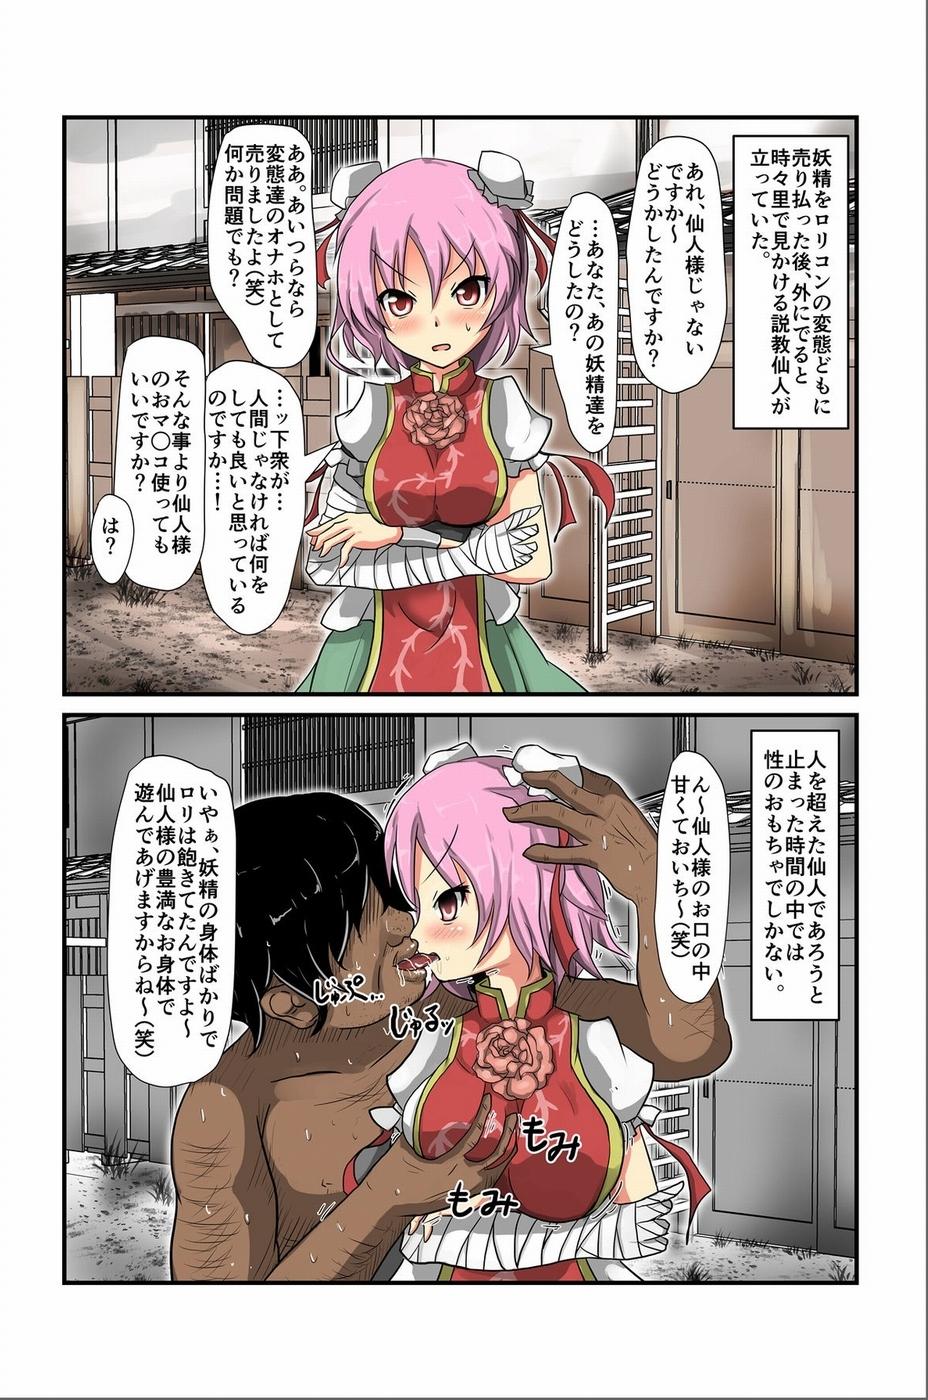 【同人】時姦幻想少女 /2☆【東方】